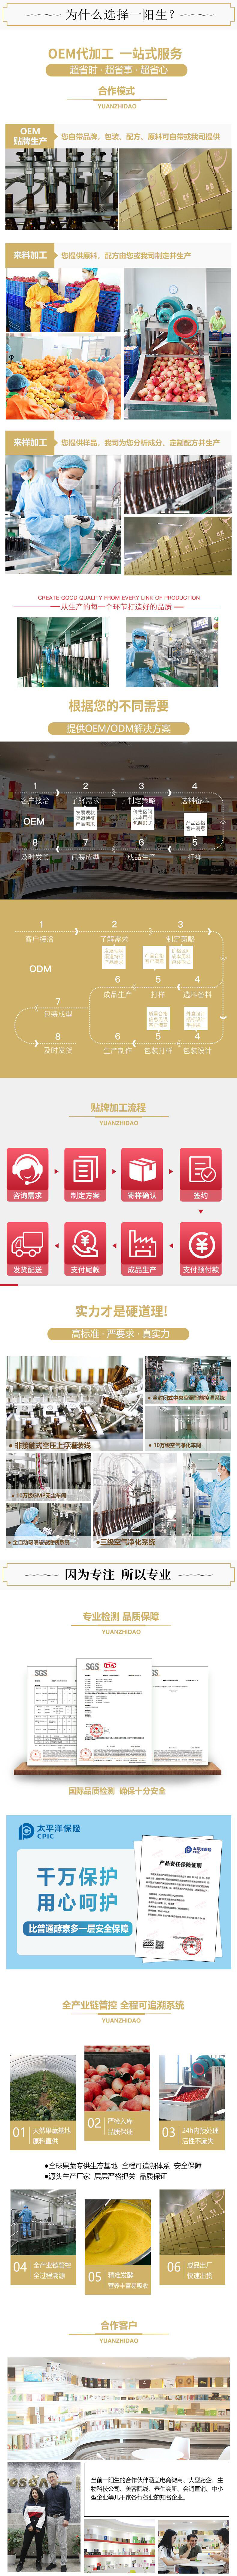 厂家实力、代加工流程、专利证书、合作客户